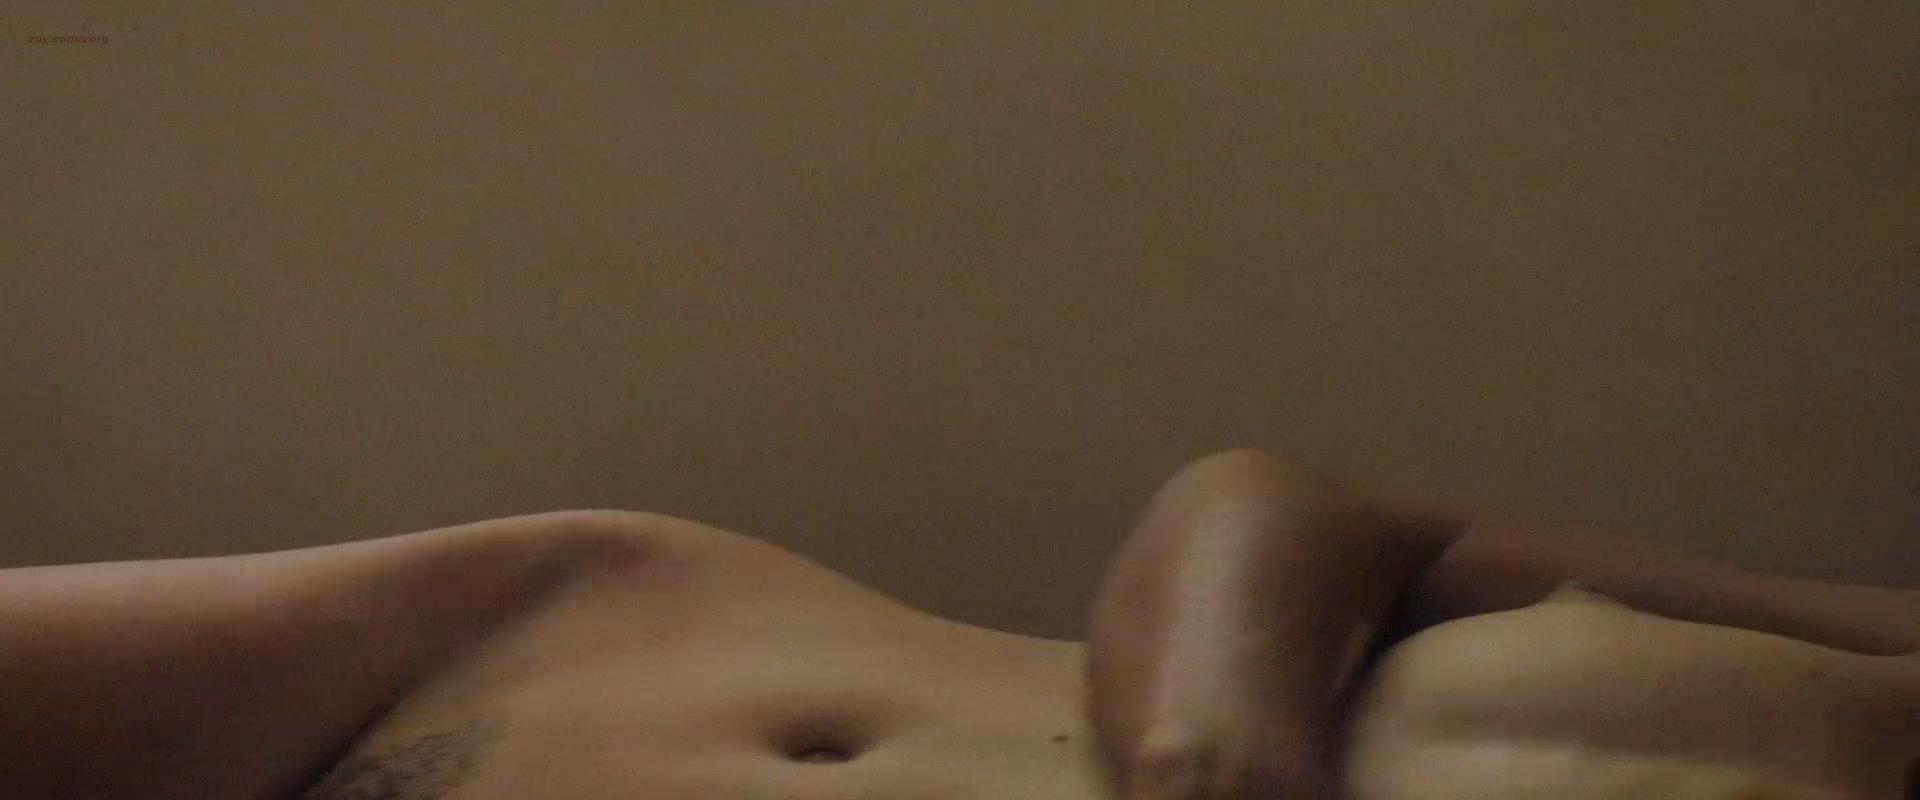 elisa lasowski nude